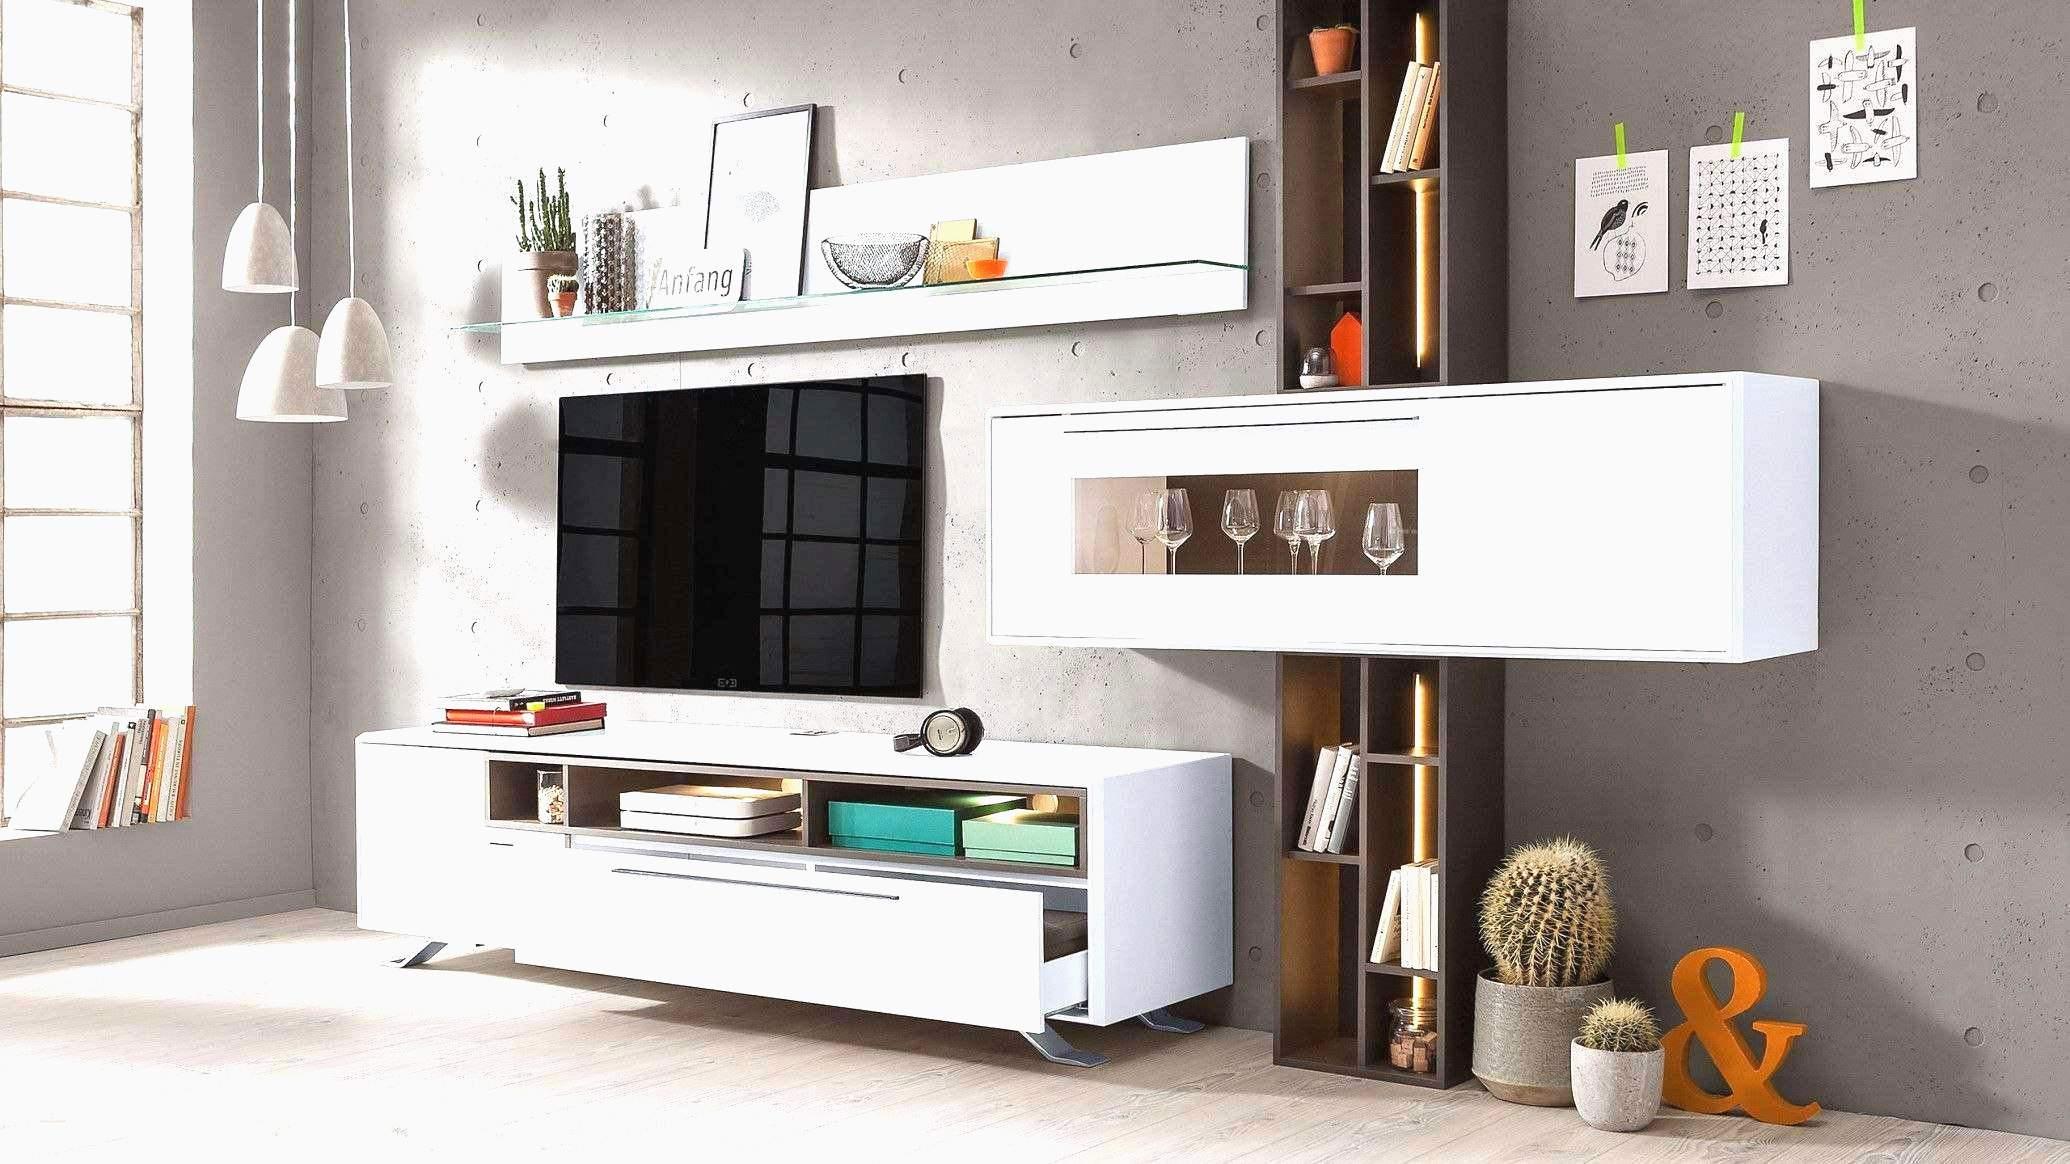 wanddeko ideen wohnzimmer schon wanddeko wohnzimmer planen besten ideen ses jahr of wanddeko ideen wohnzimmer